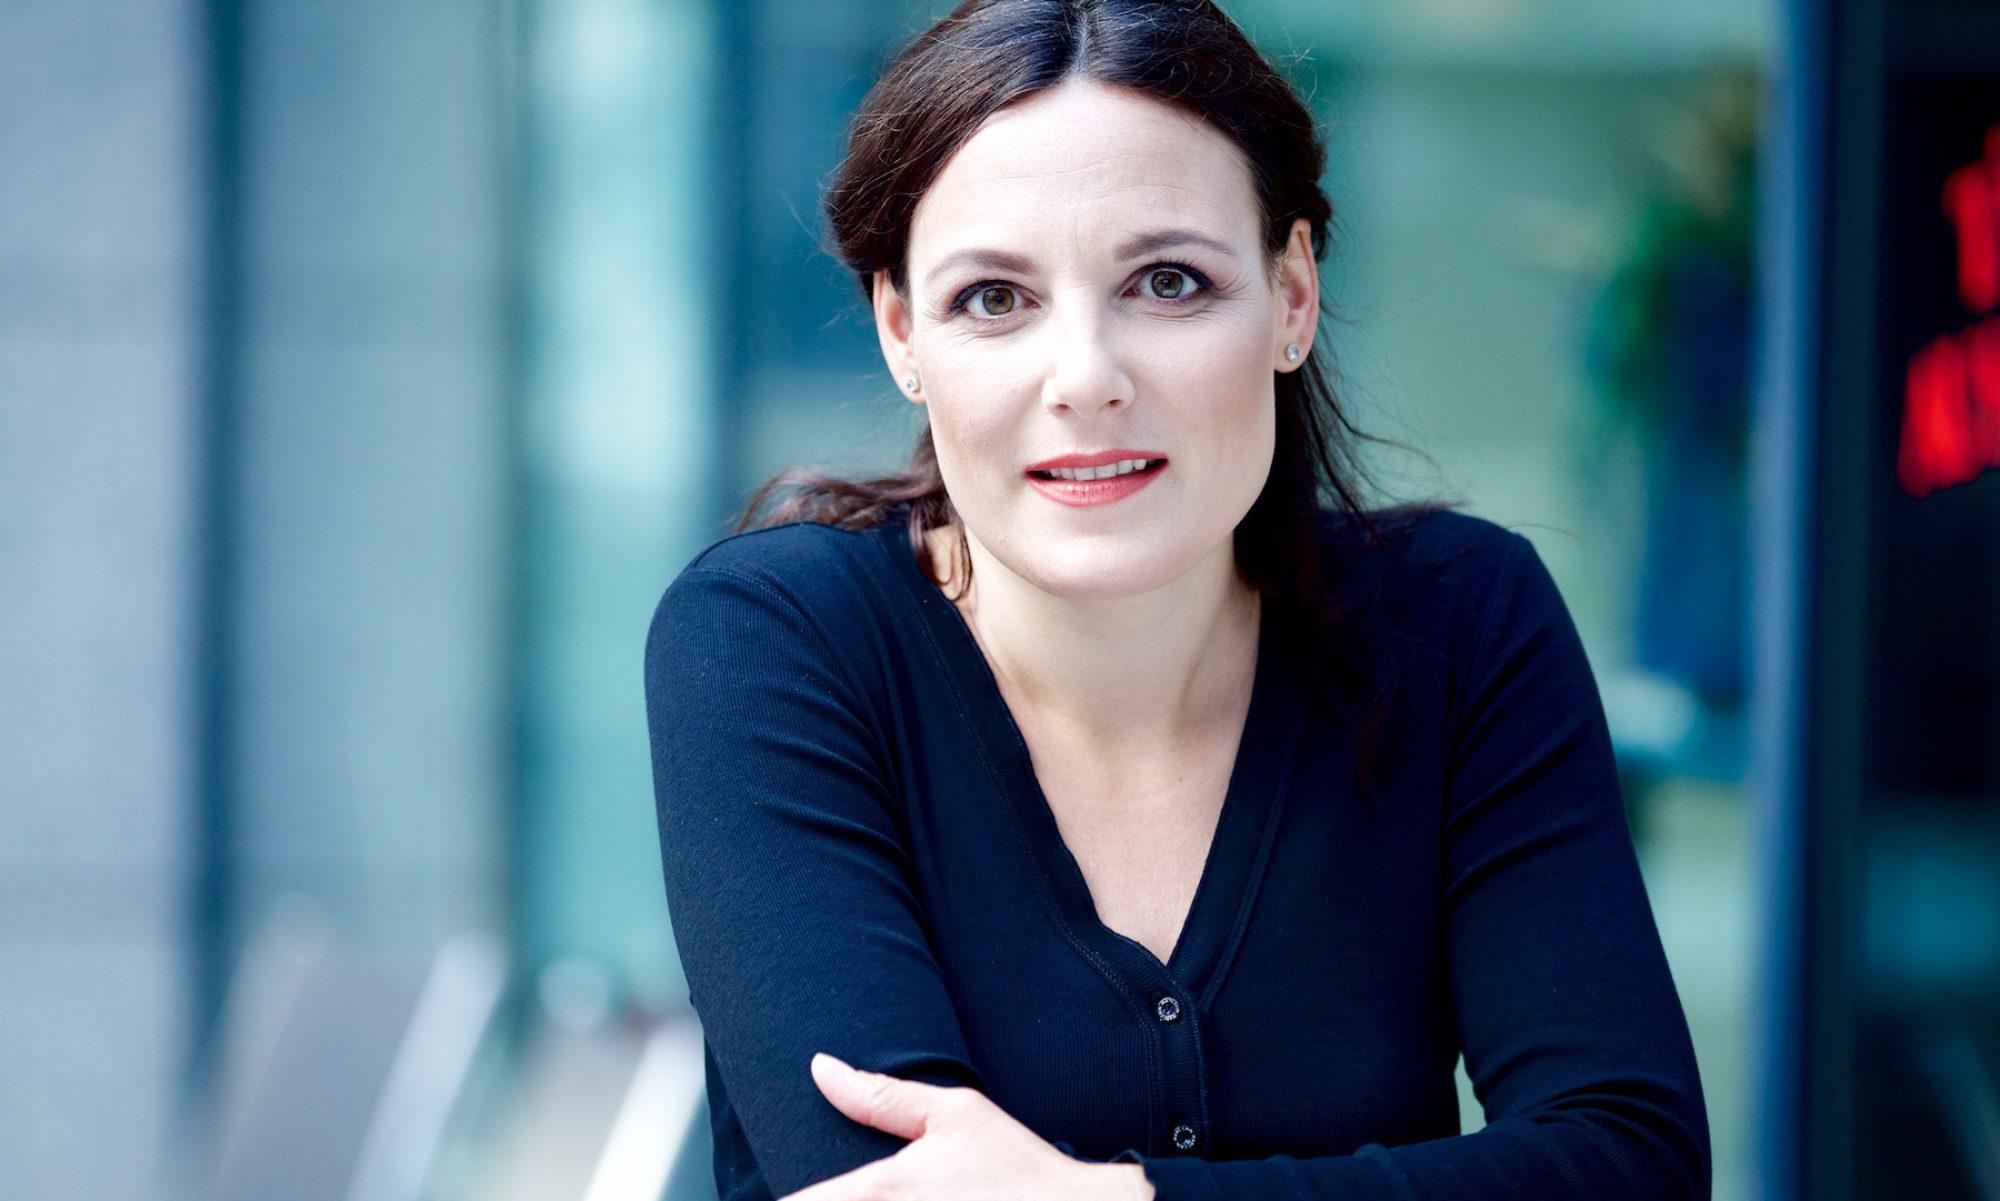 Annelie Staude